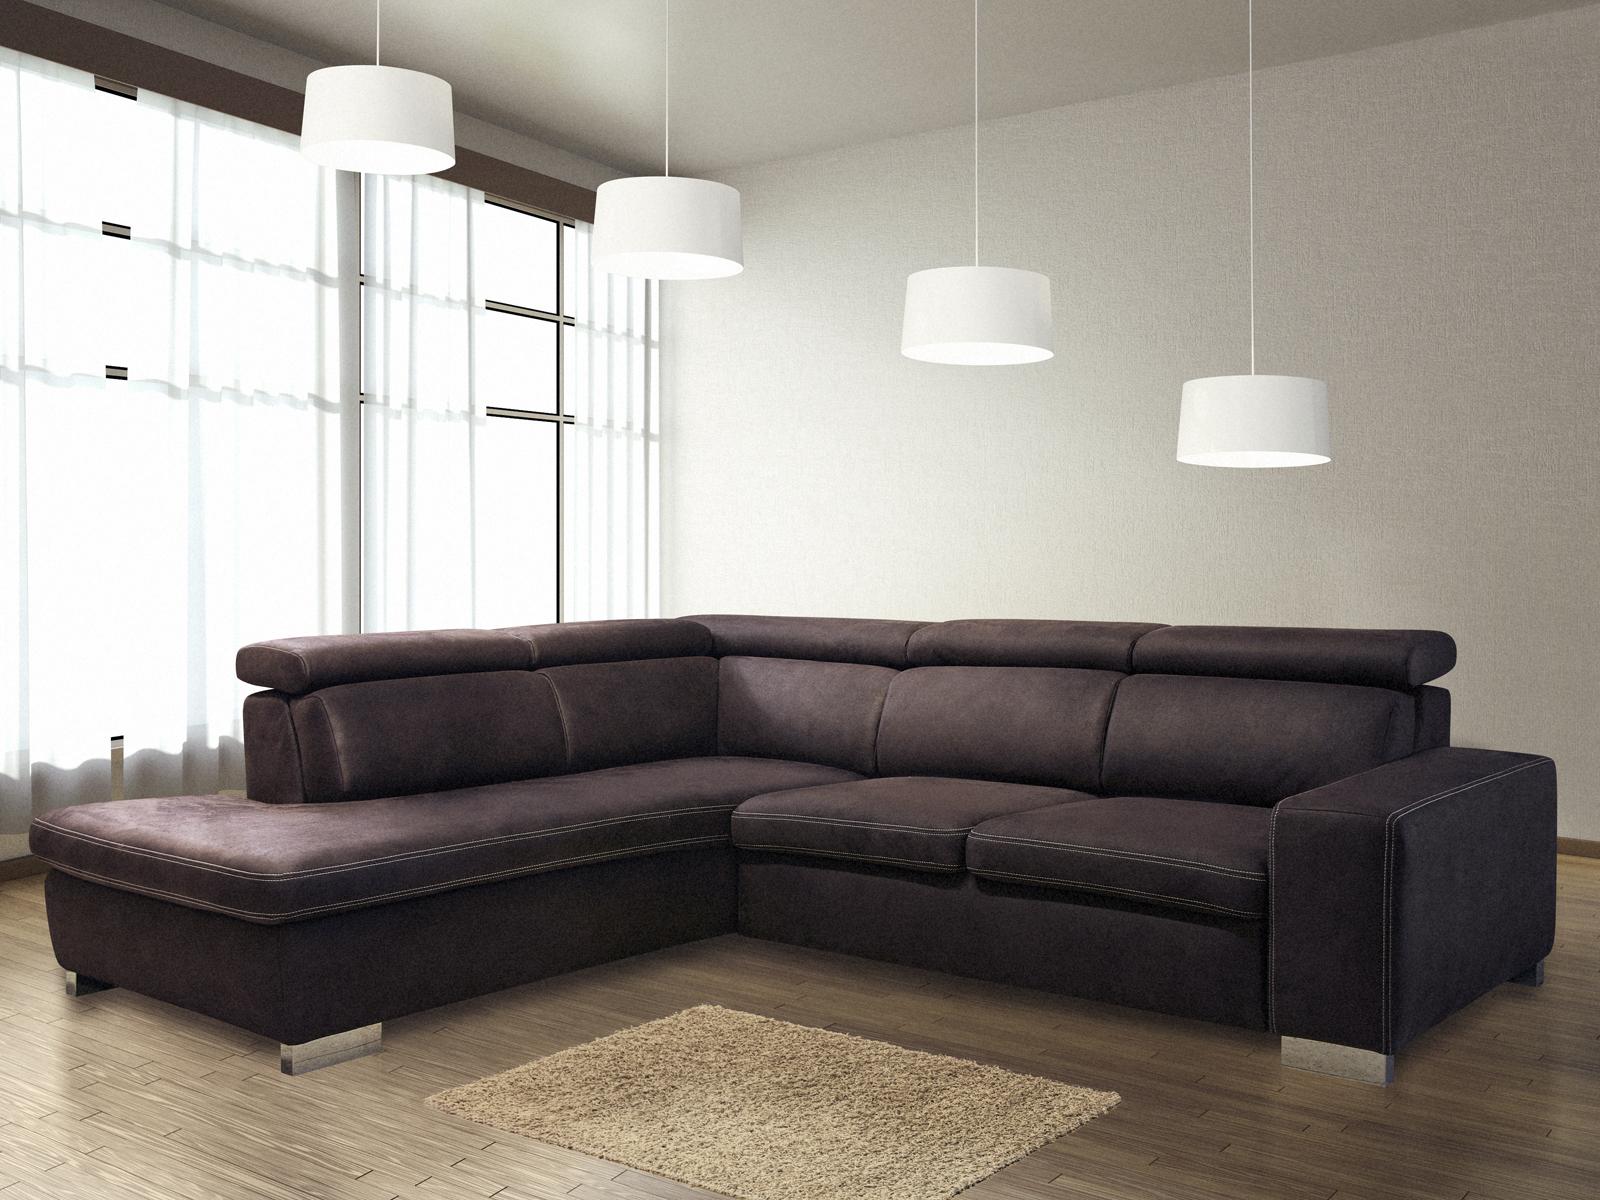 Rohová sedačka - BRW - Mondo 2 UBE (L)